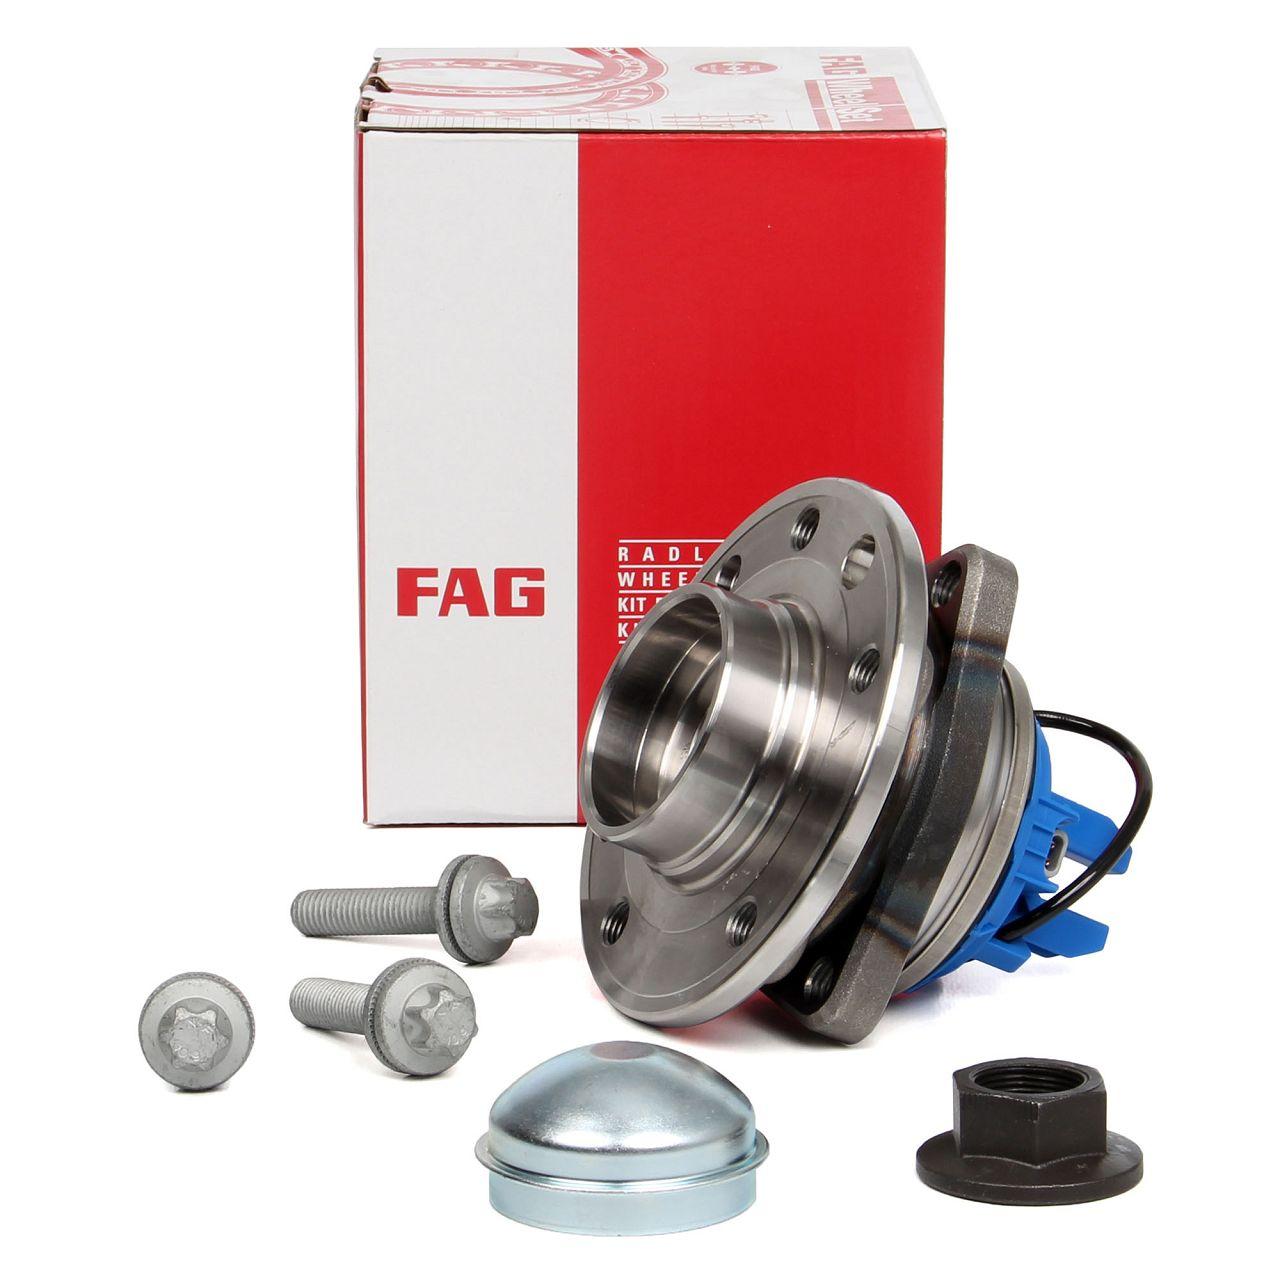 FAG Radnabe Radlager + ABS Sensor 5-Loch für OPEL SIGNUM VECTRA C vorne